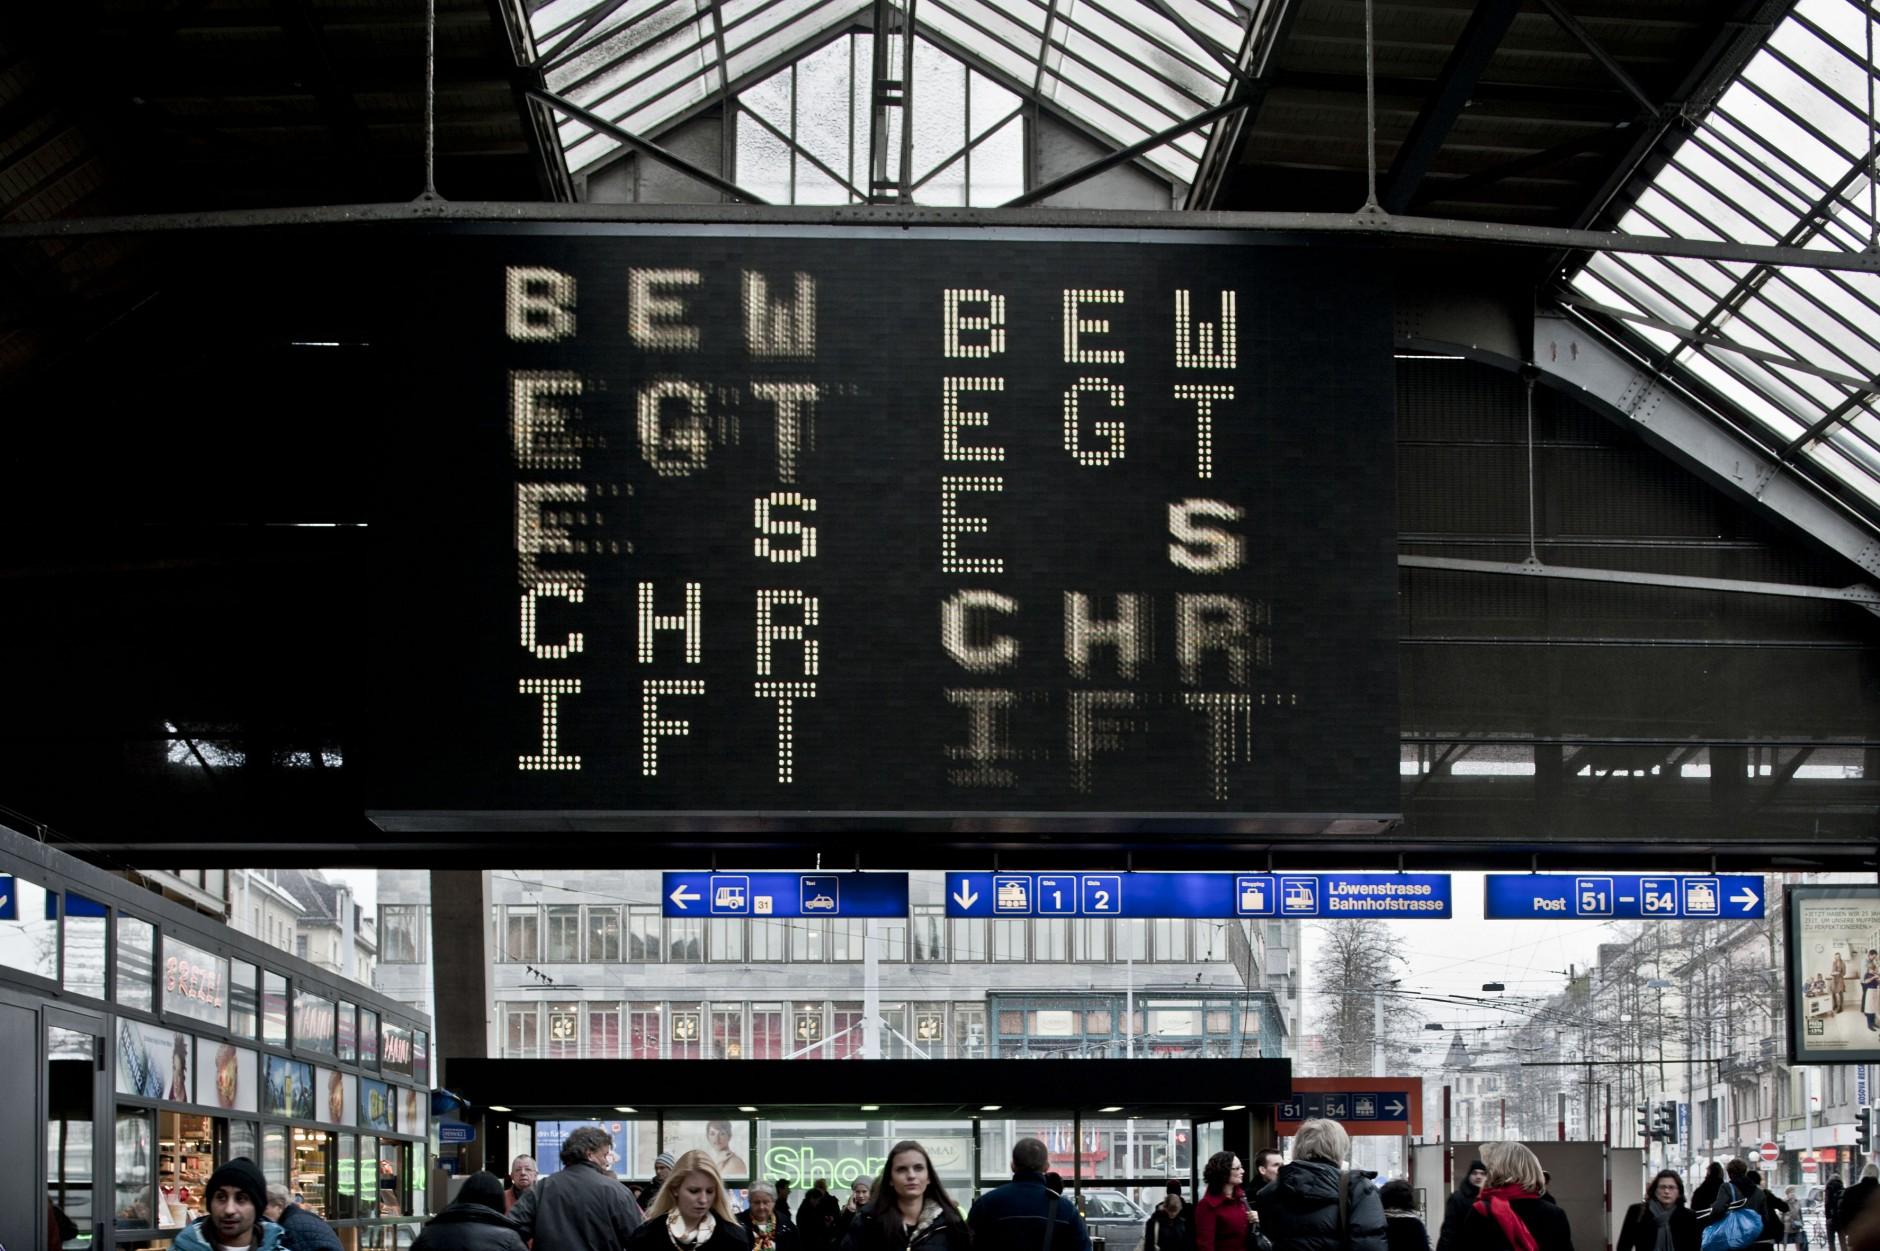 Bewegte Schrift | »Bewegte Schrift« auf dem eBoard im Hauptbahnhof Zürich, 2011, Foto: © ZHdK